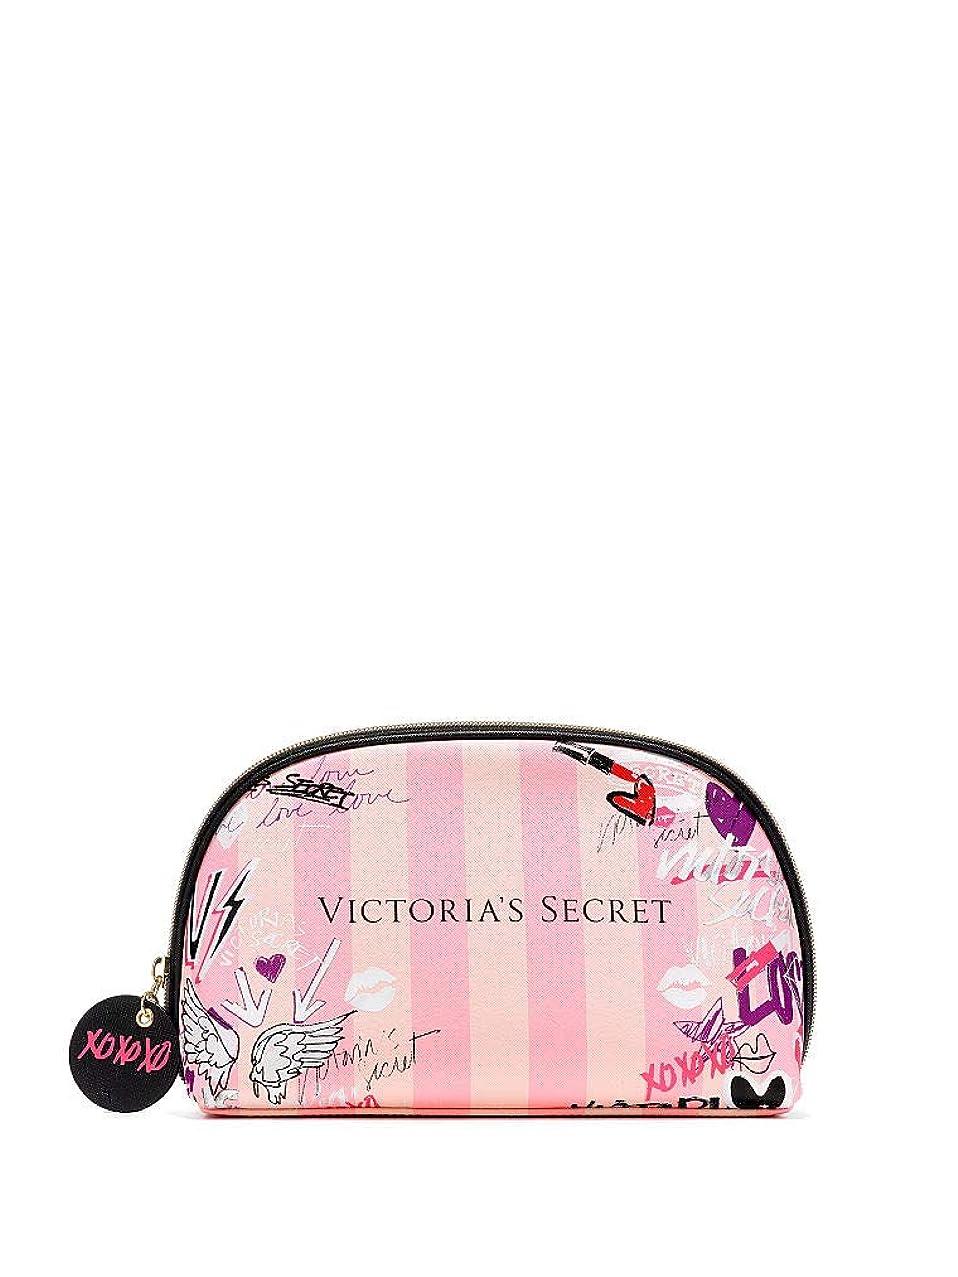 ジム交換可能枕【 メイクアップバッグ 】 VICTORIA'S SECRET ヴィクトリアシークレット/ビクトリアシークレット グラフィティグラムバッグ/Graffiti Glam Bag [並行輸入品]